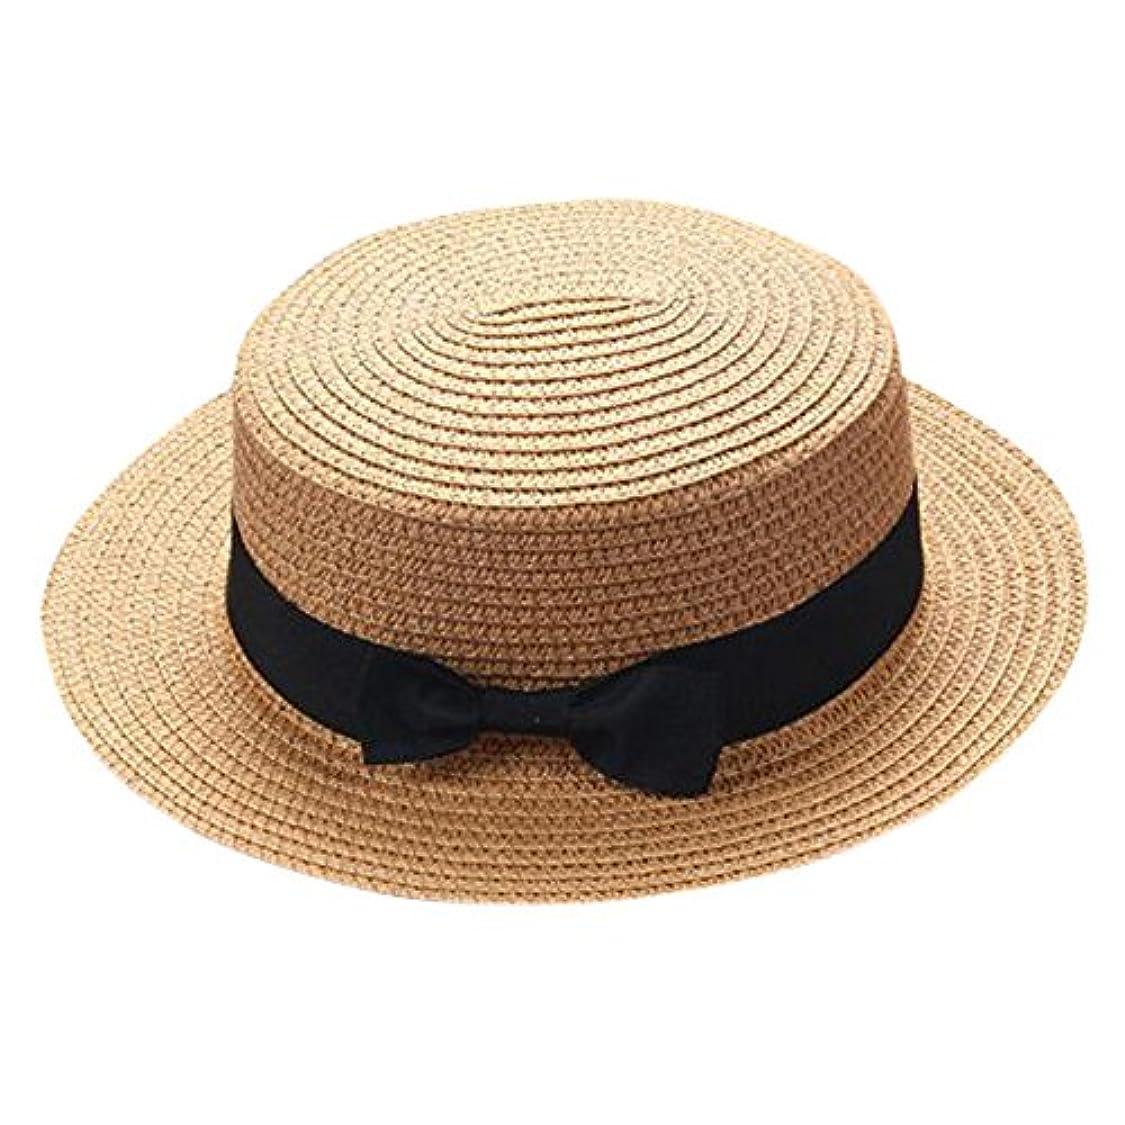 独立細菌素敵なキャップ キッズ 日よけ 帽子 小顔効果抜群 旅行用 日よけ 夏 ビーチ 海辺 かわいい リゾート 紫外線対策 男女兼用 日焼け防止 熱中症予防 取り外すあご紐 つば広 おしゃれ 可愛い 夏 ROSE ROMAN